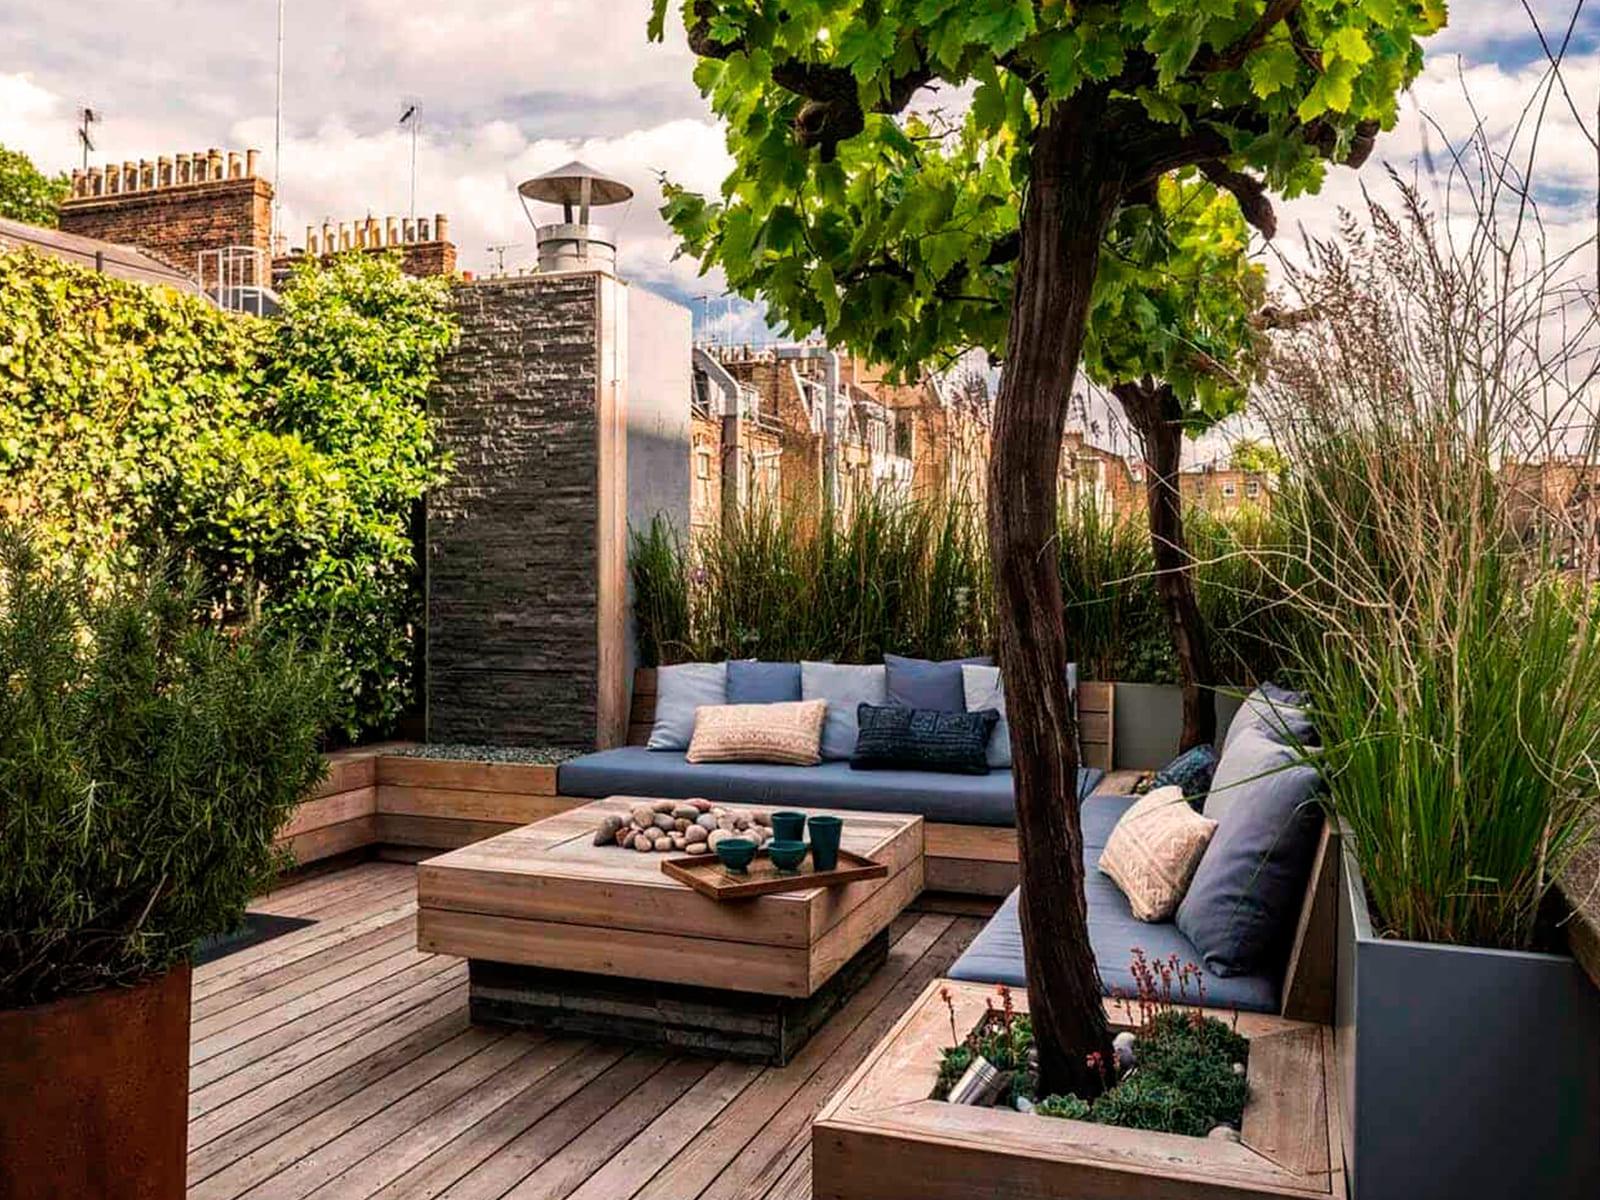 blog-vegetacion-decoracion-terrazas-balcones-18_HIDROJARDIN-Bañeres